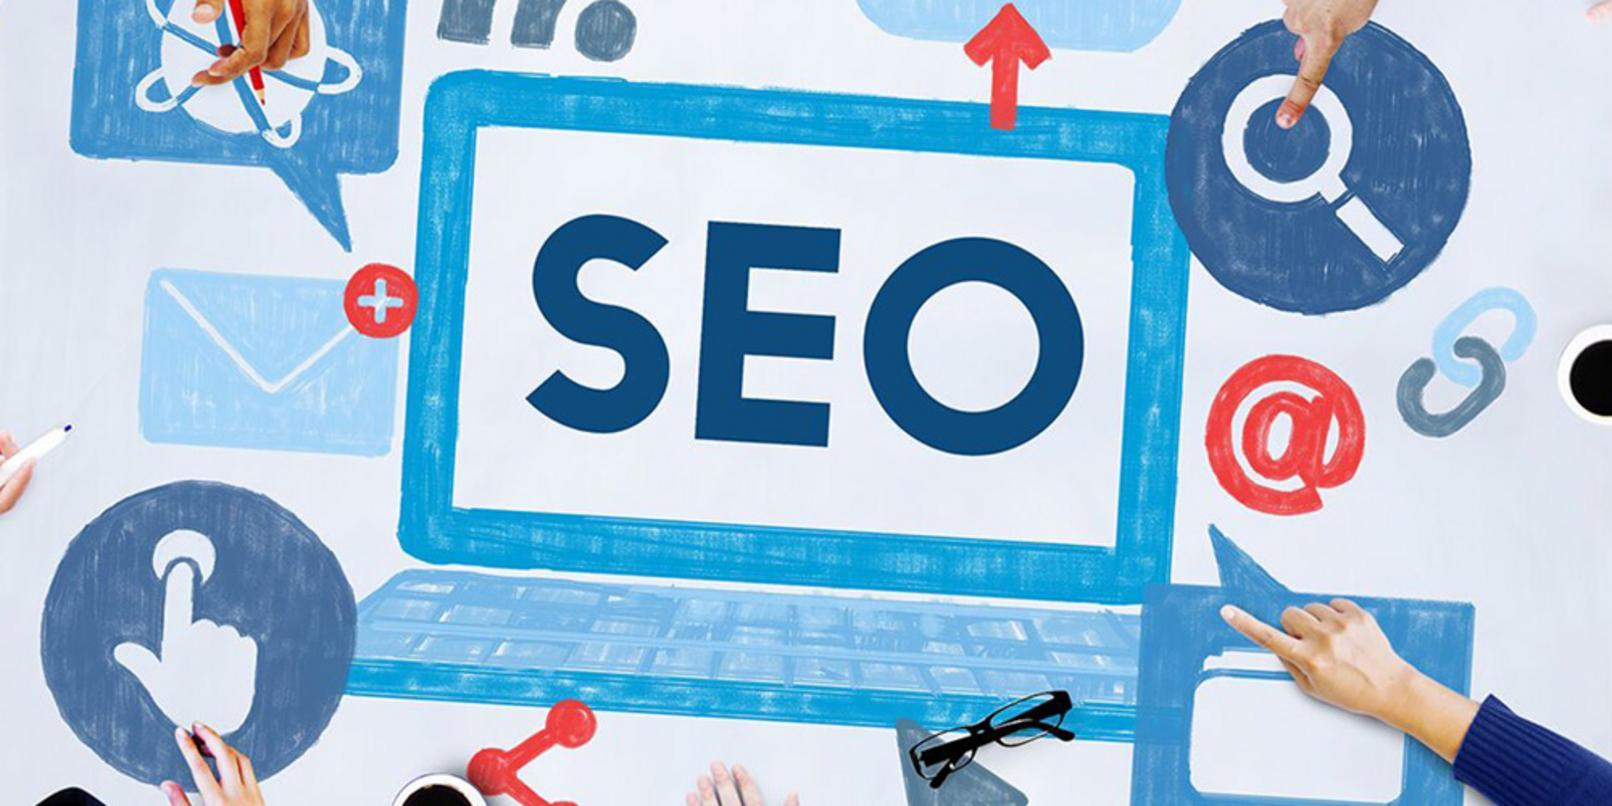 Τι πρέπει να γνωρίζουν οι ιδιοκτήτες επιχειρήσεων με site γύρω από το SEO